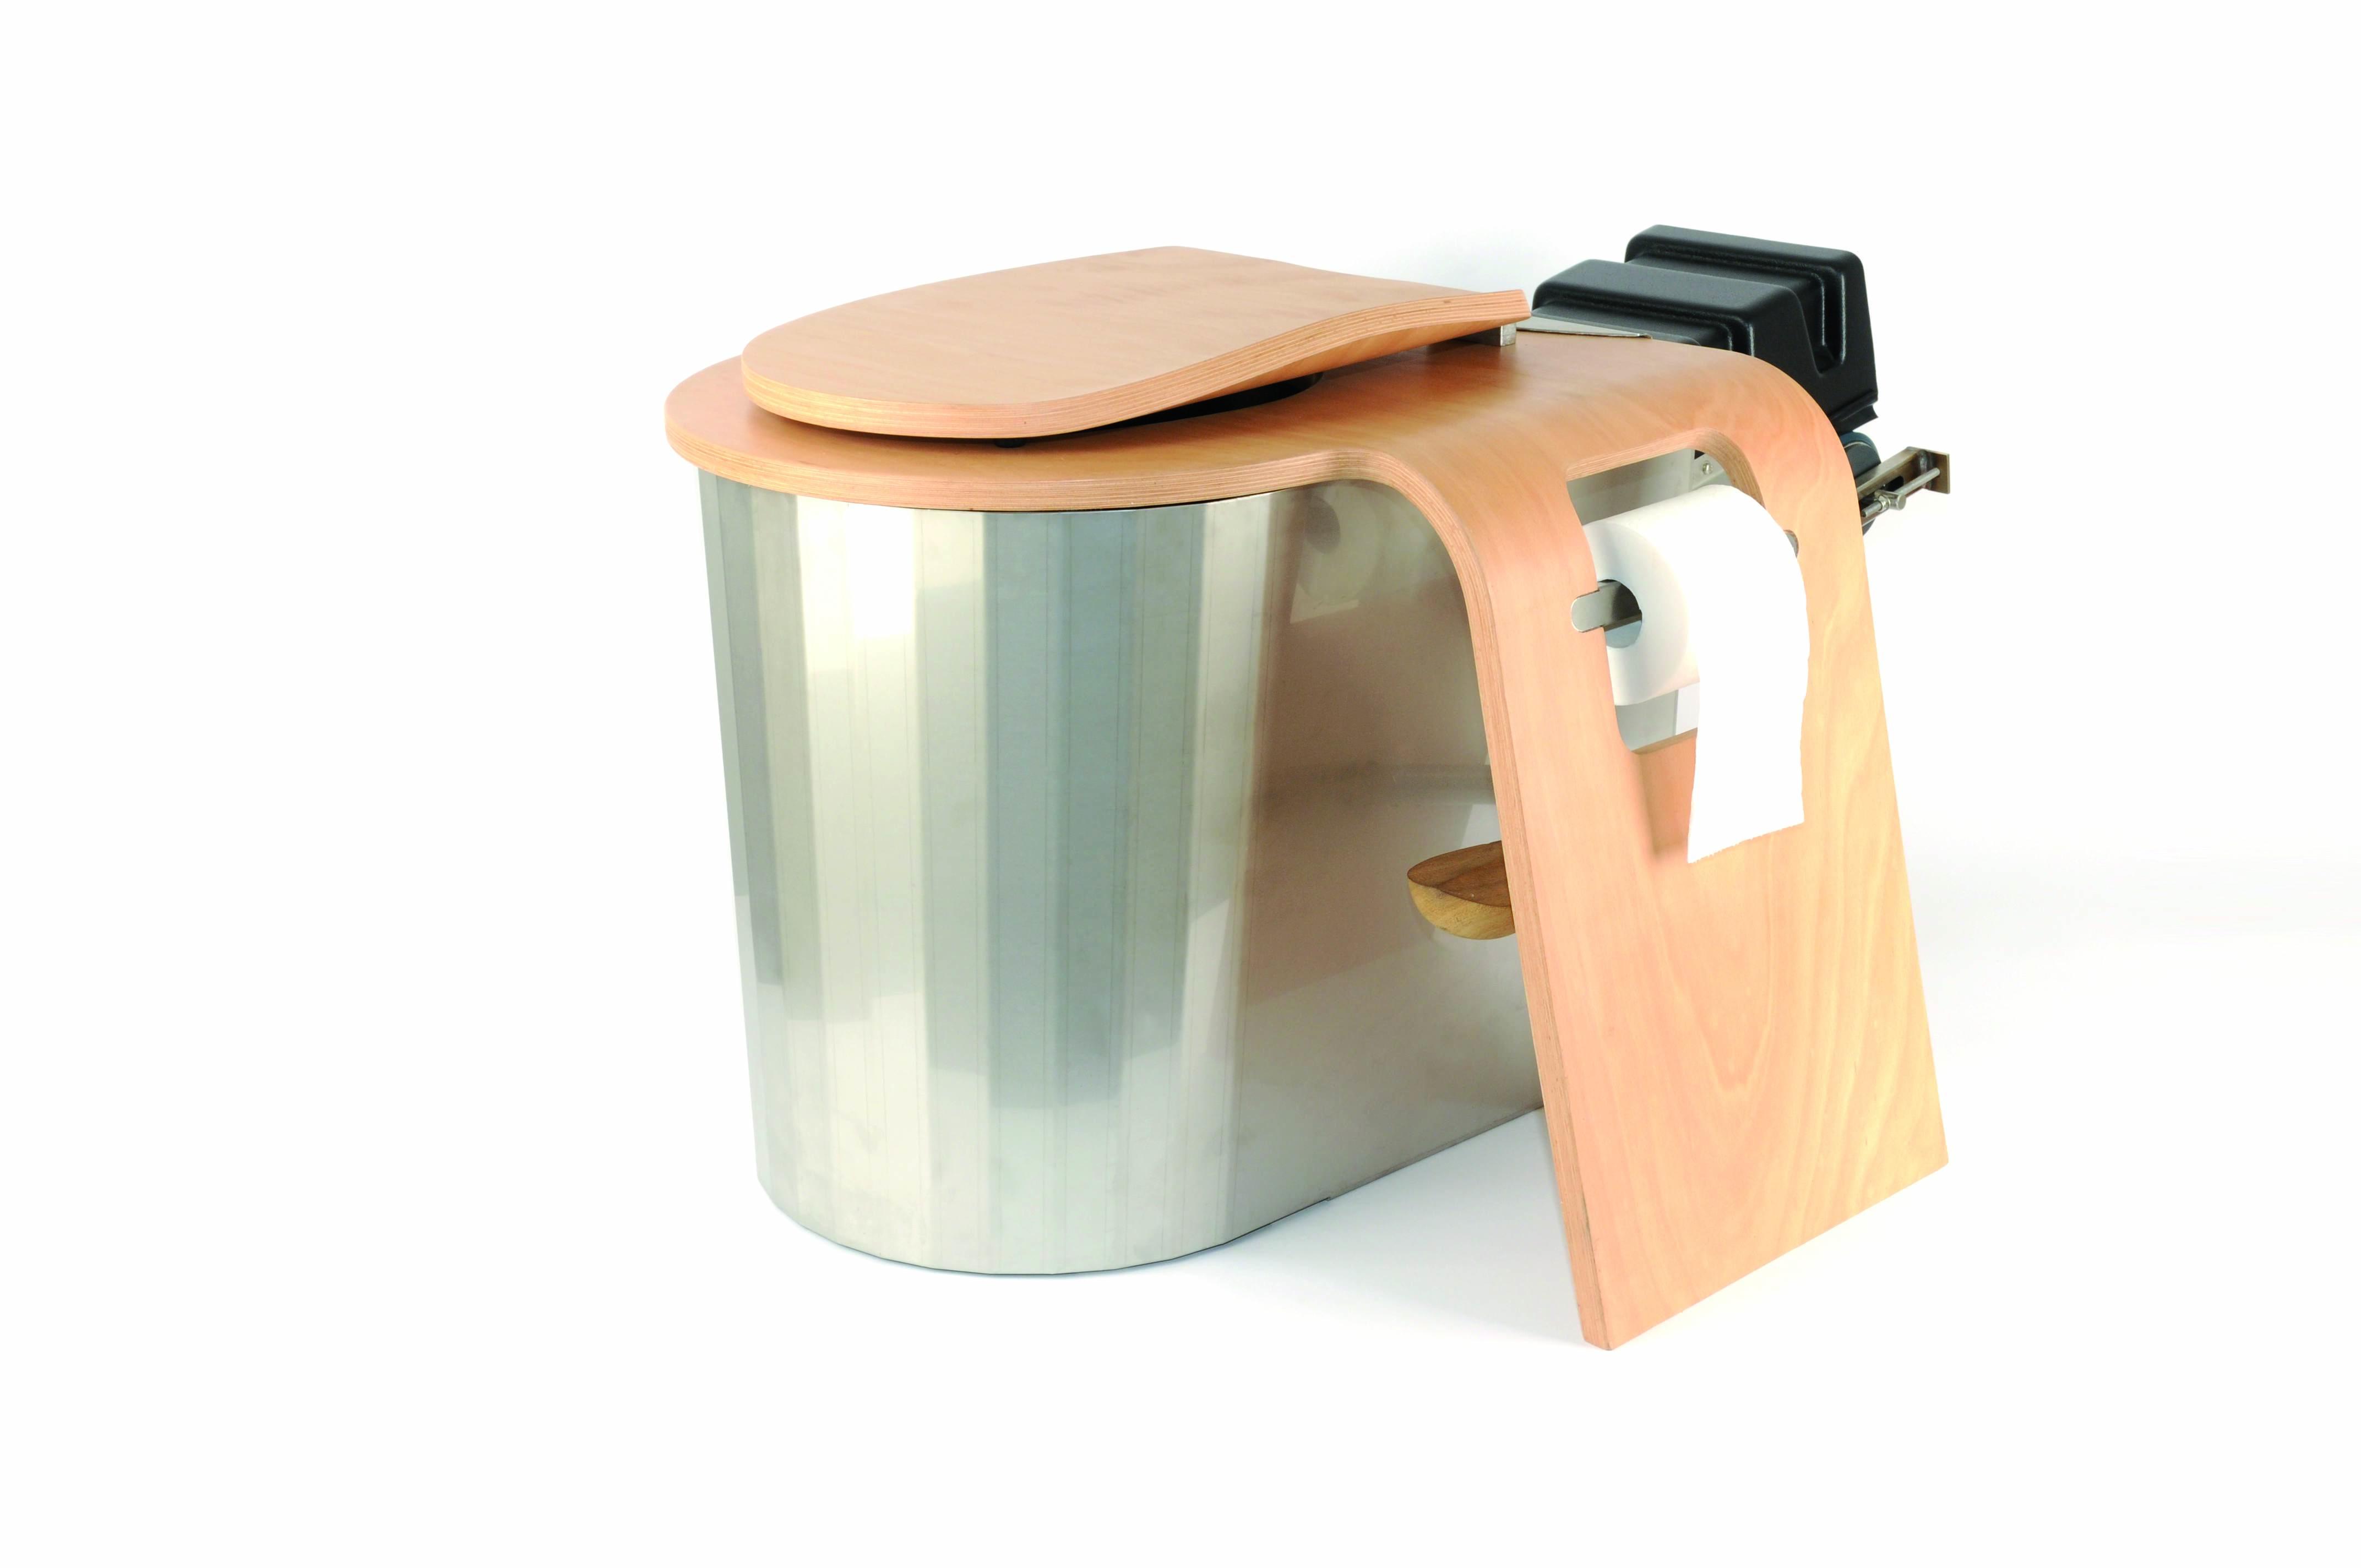 Toilettes sèches chassez les préjugés maison bois écologique dordogne périgord aquitaine